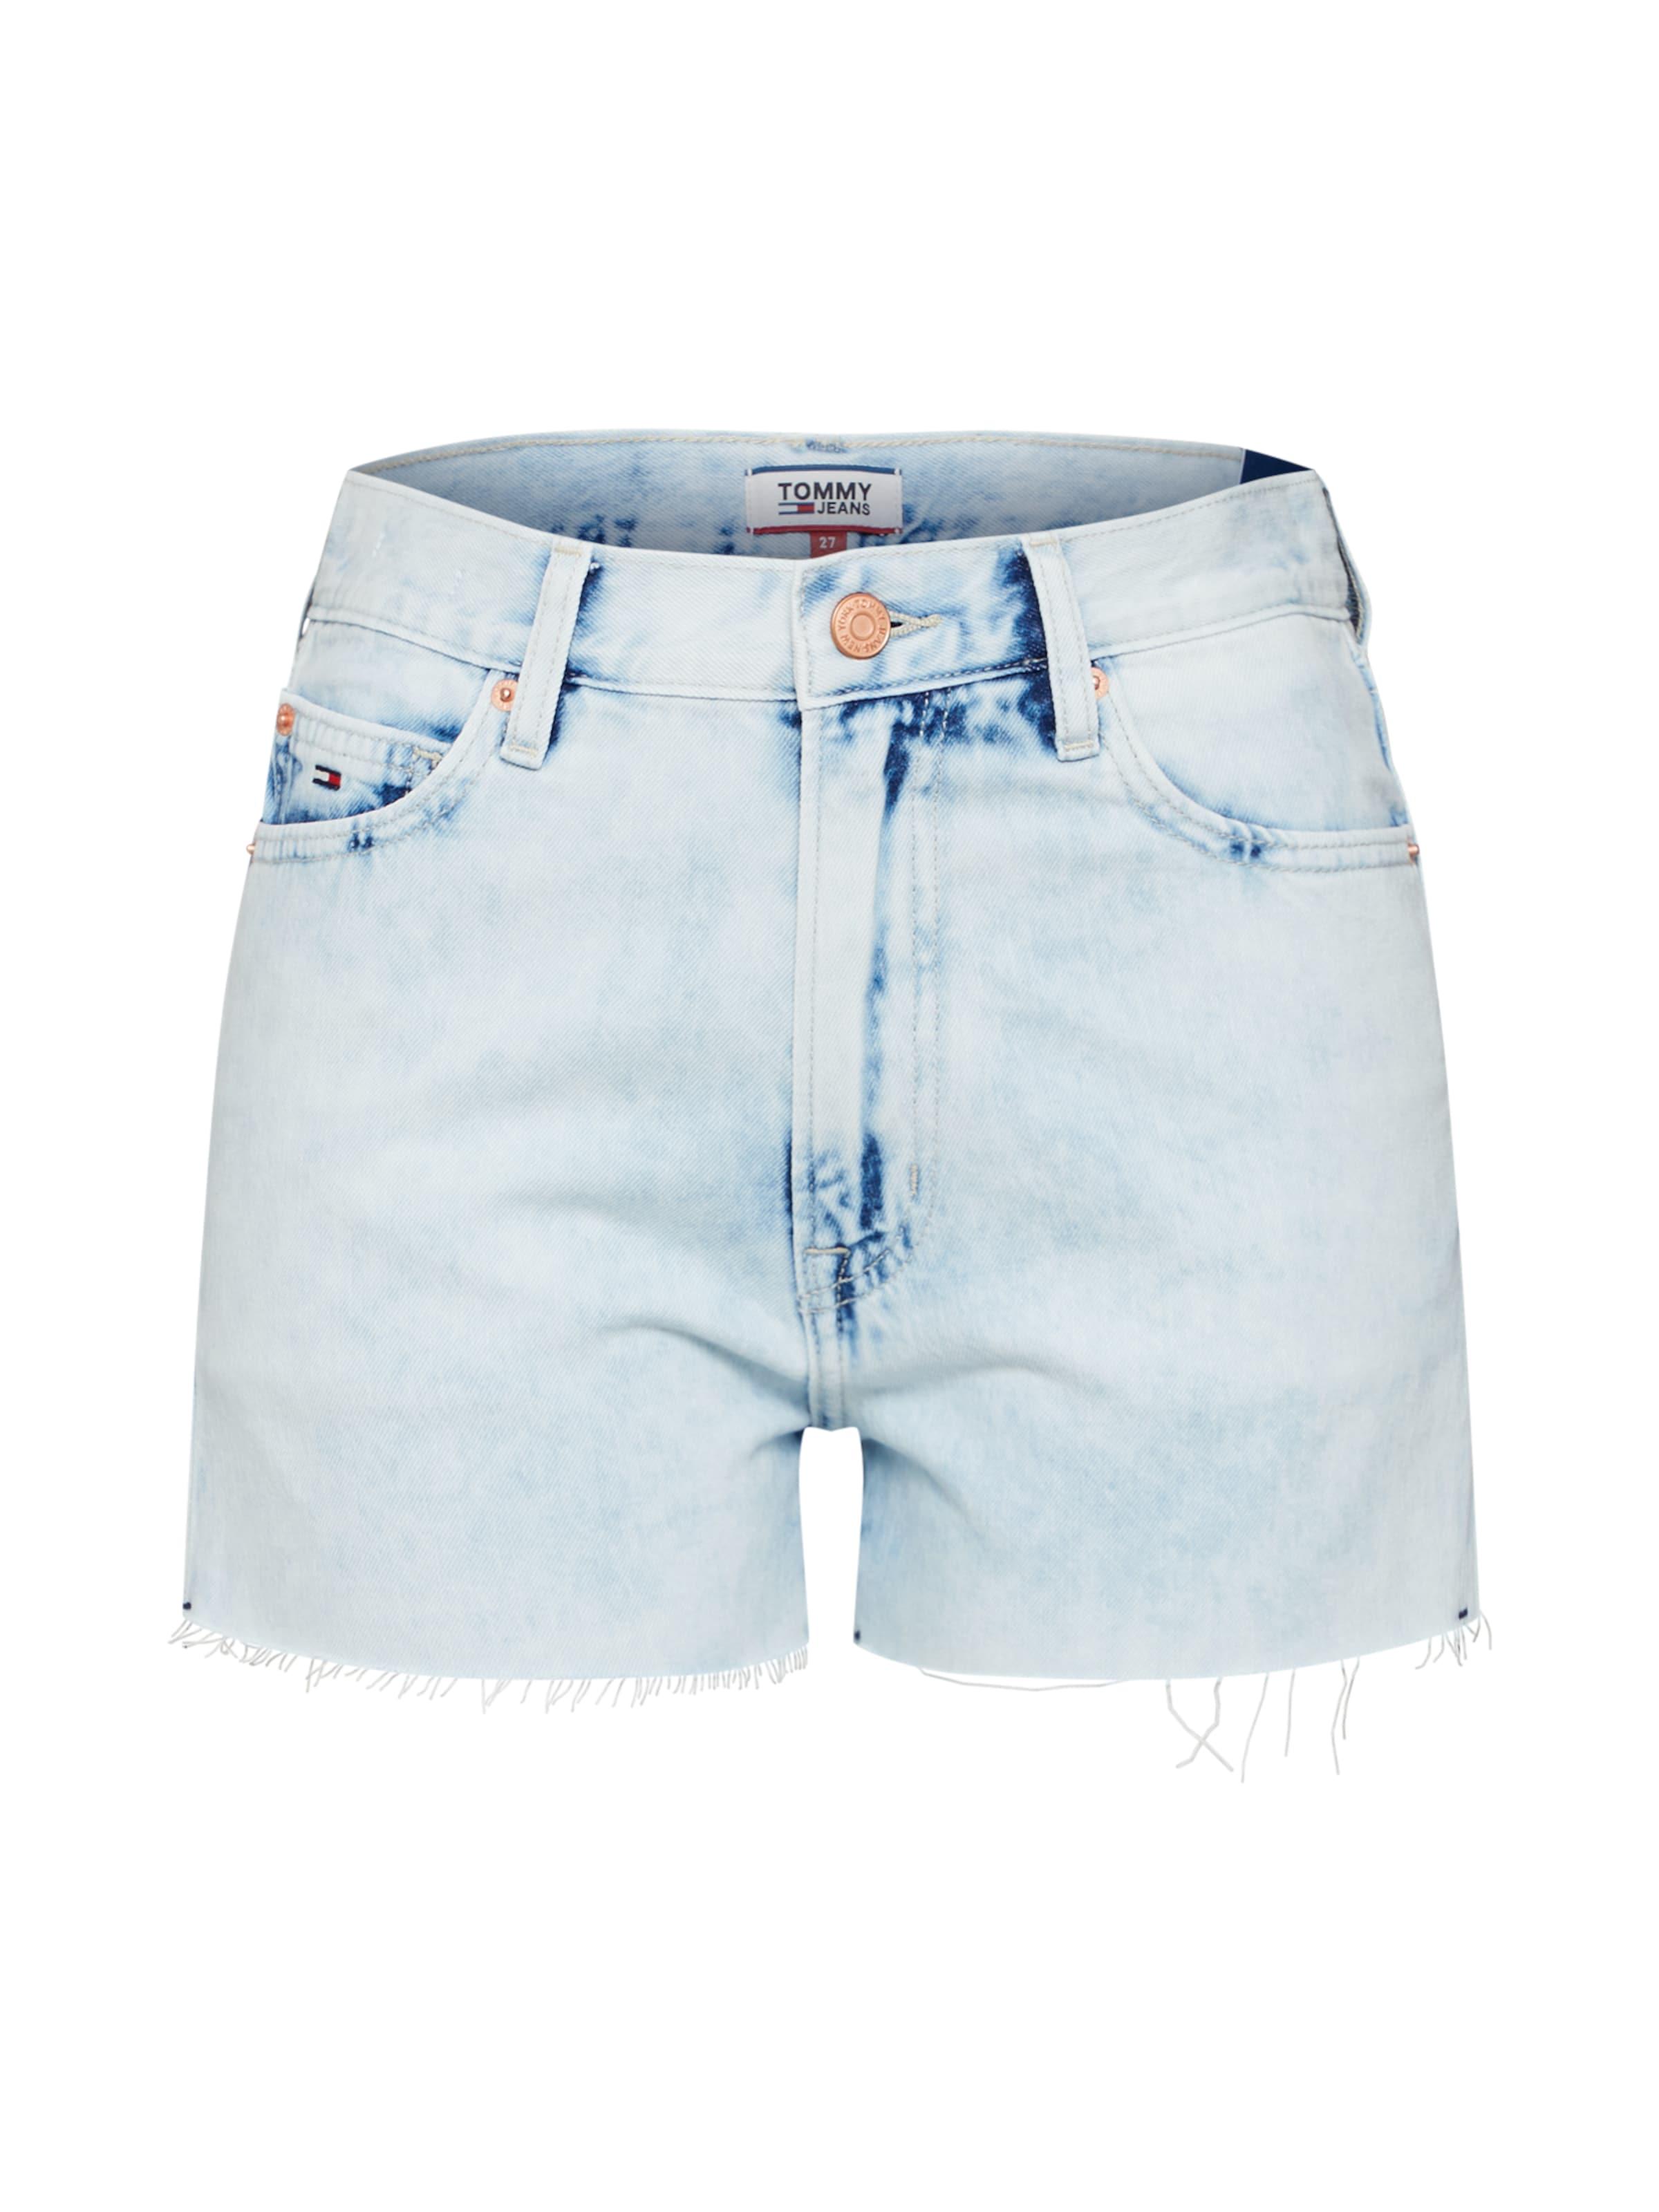 Jeans Jeansshorts DenimRot Blue In Tommy Weiß MqSpVGzLU